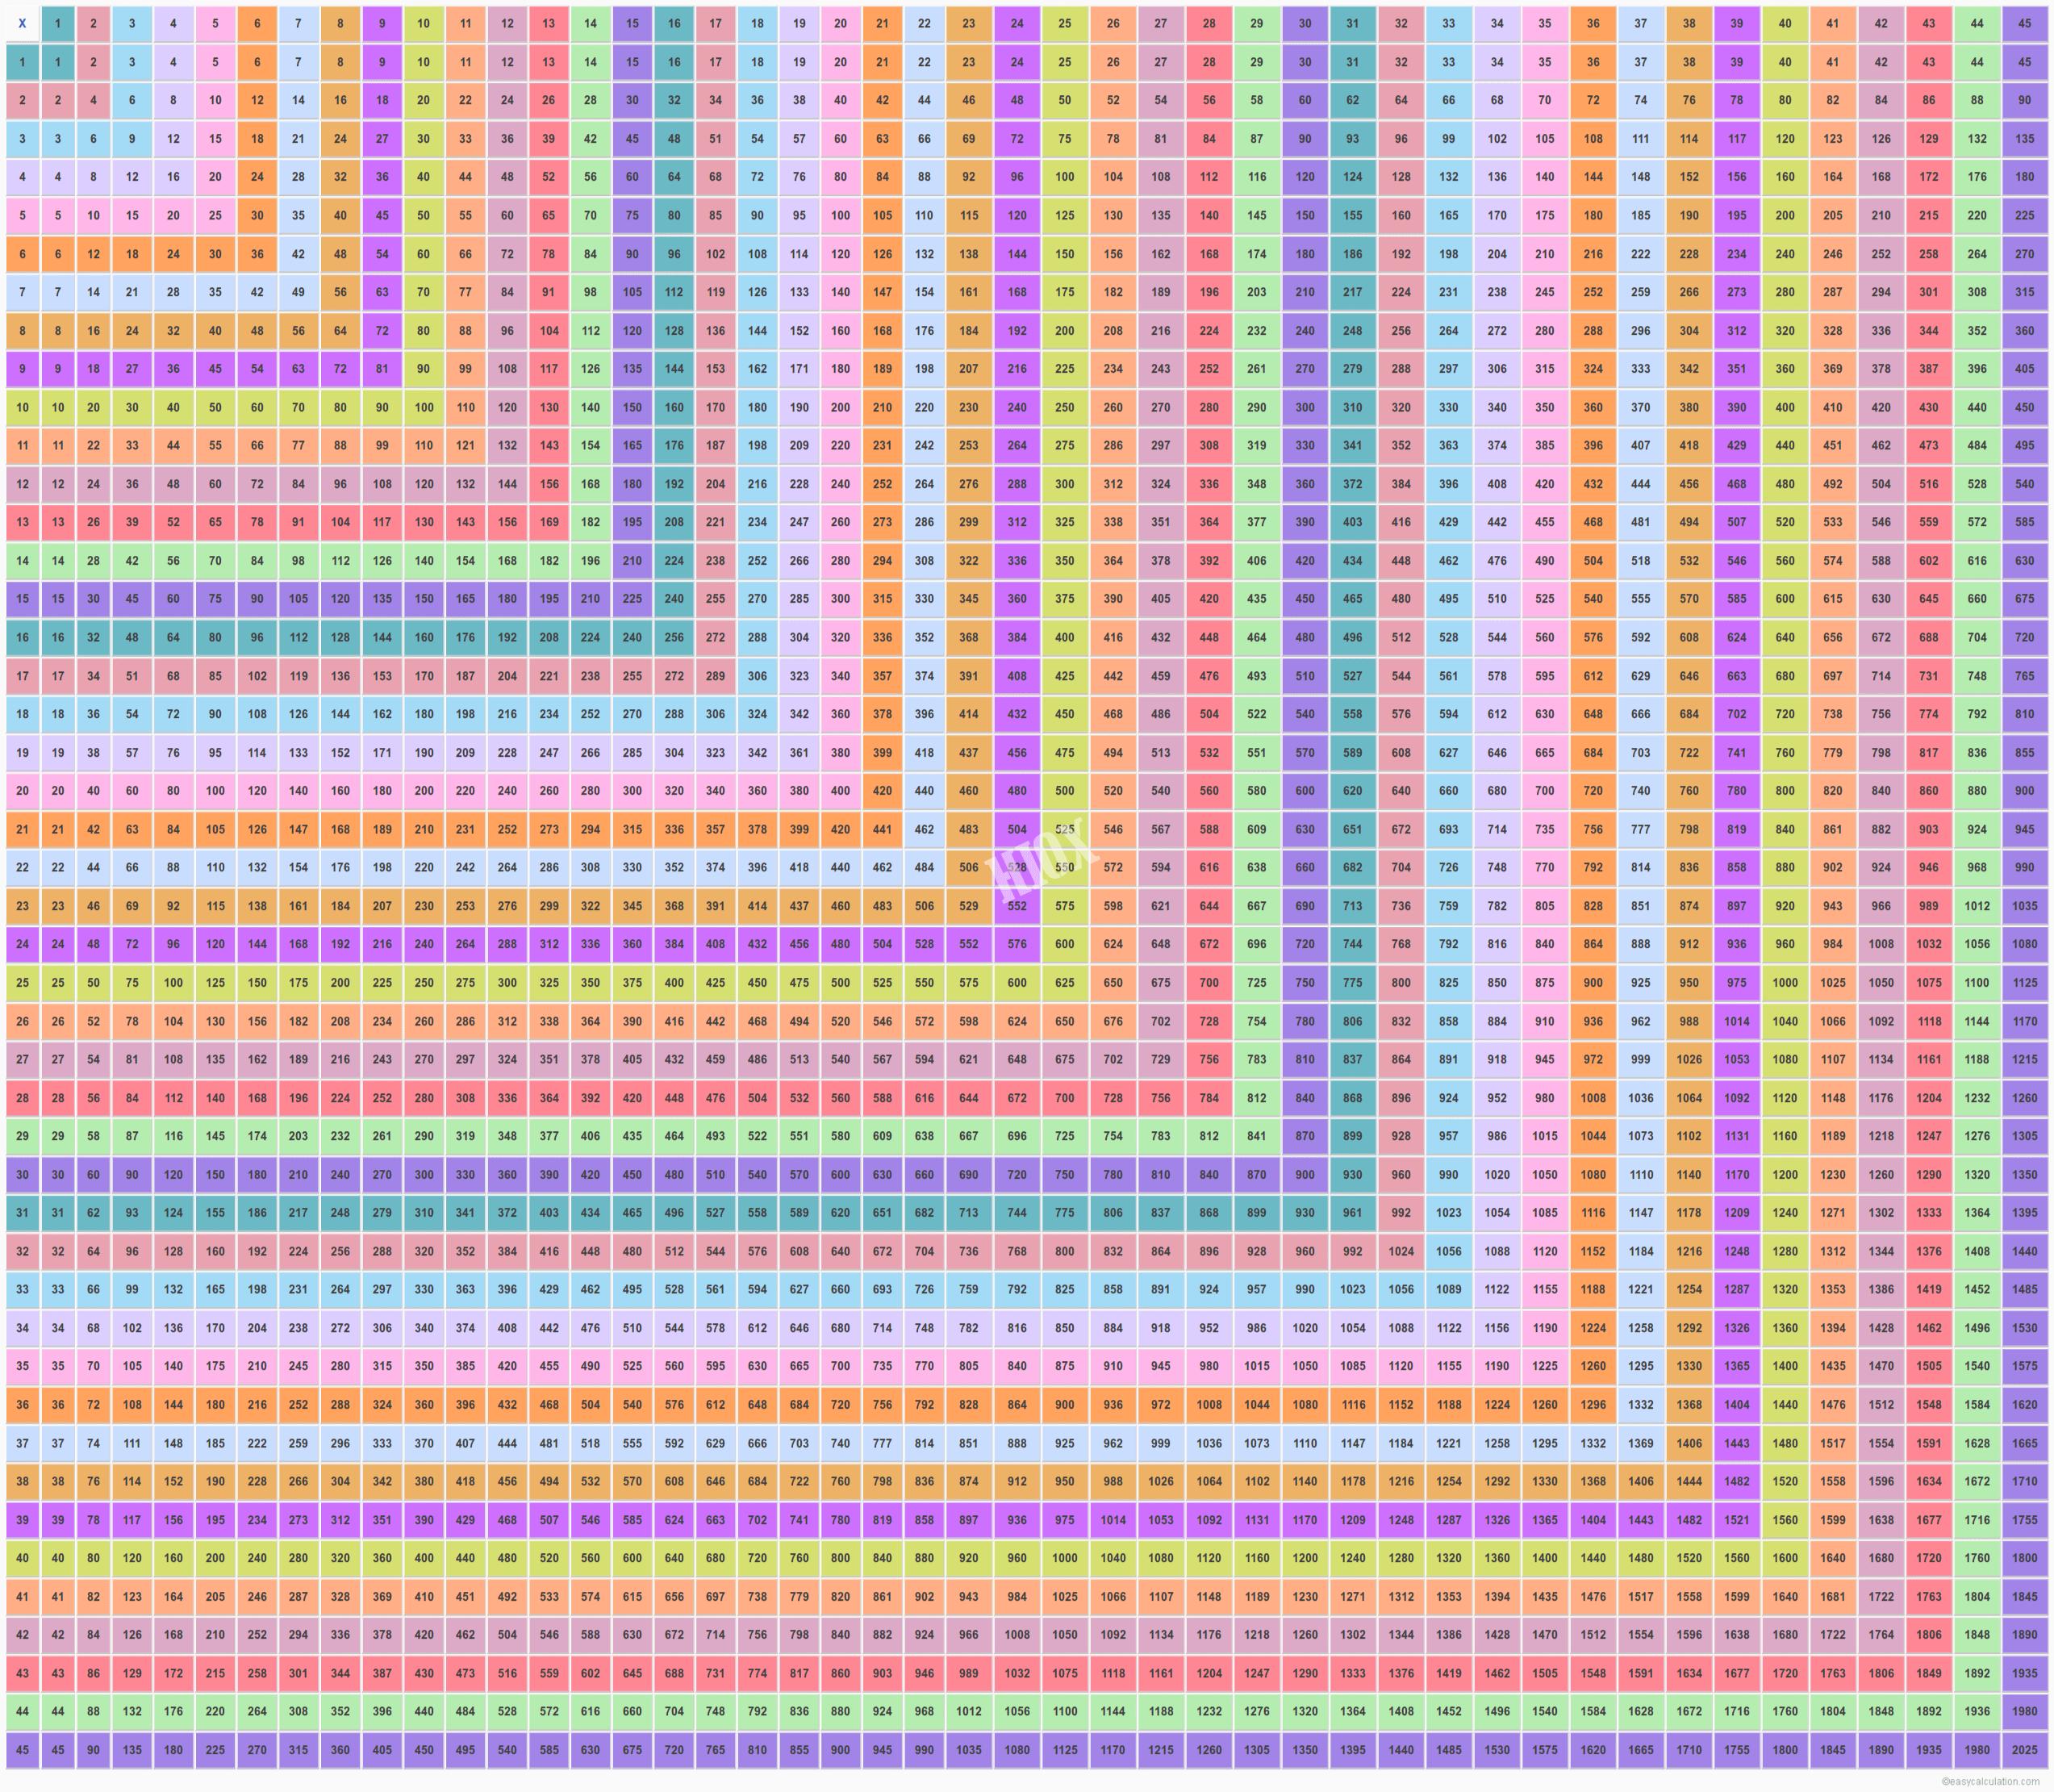 Times Table Chart Up To 100 Printable - Pflag